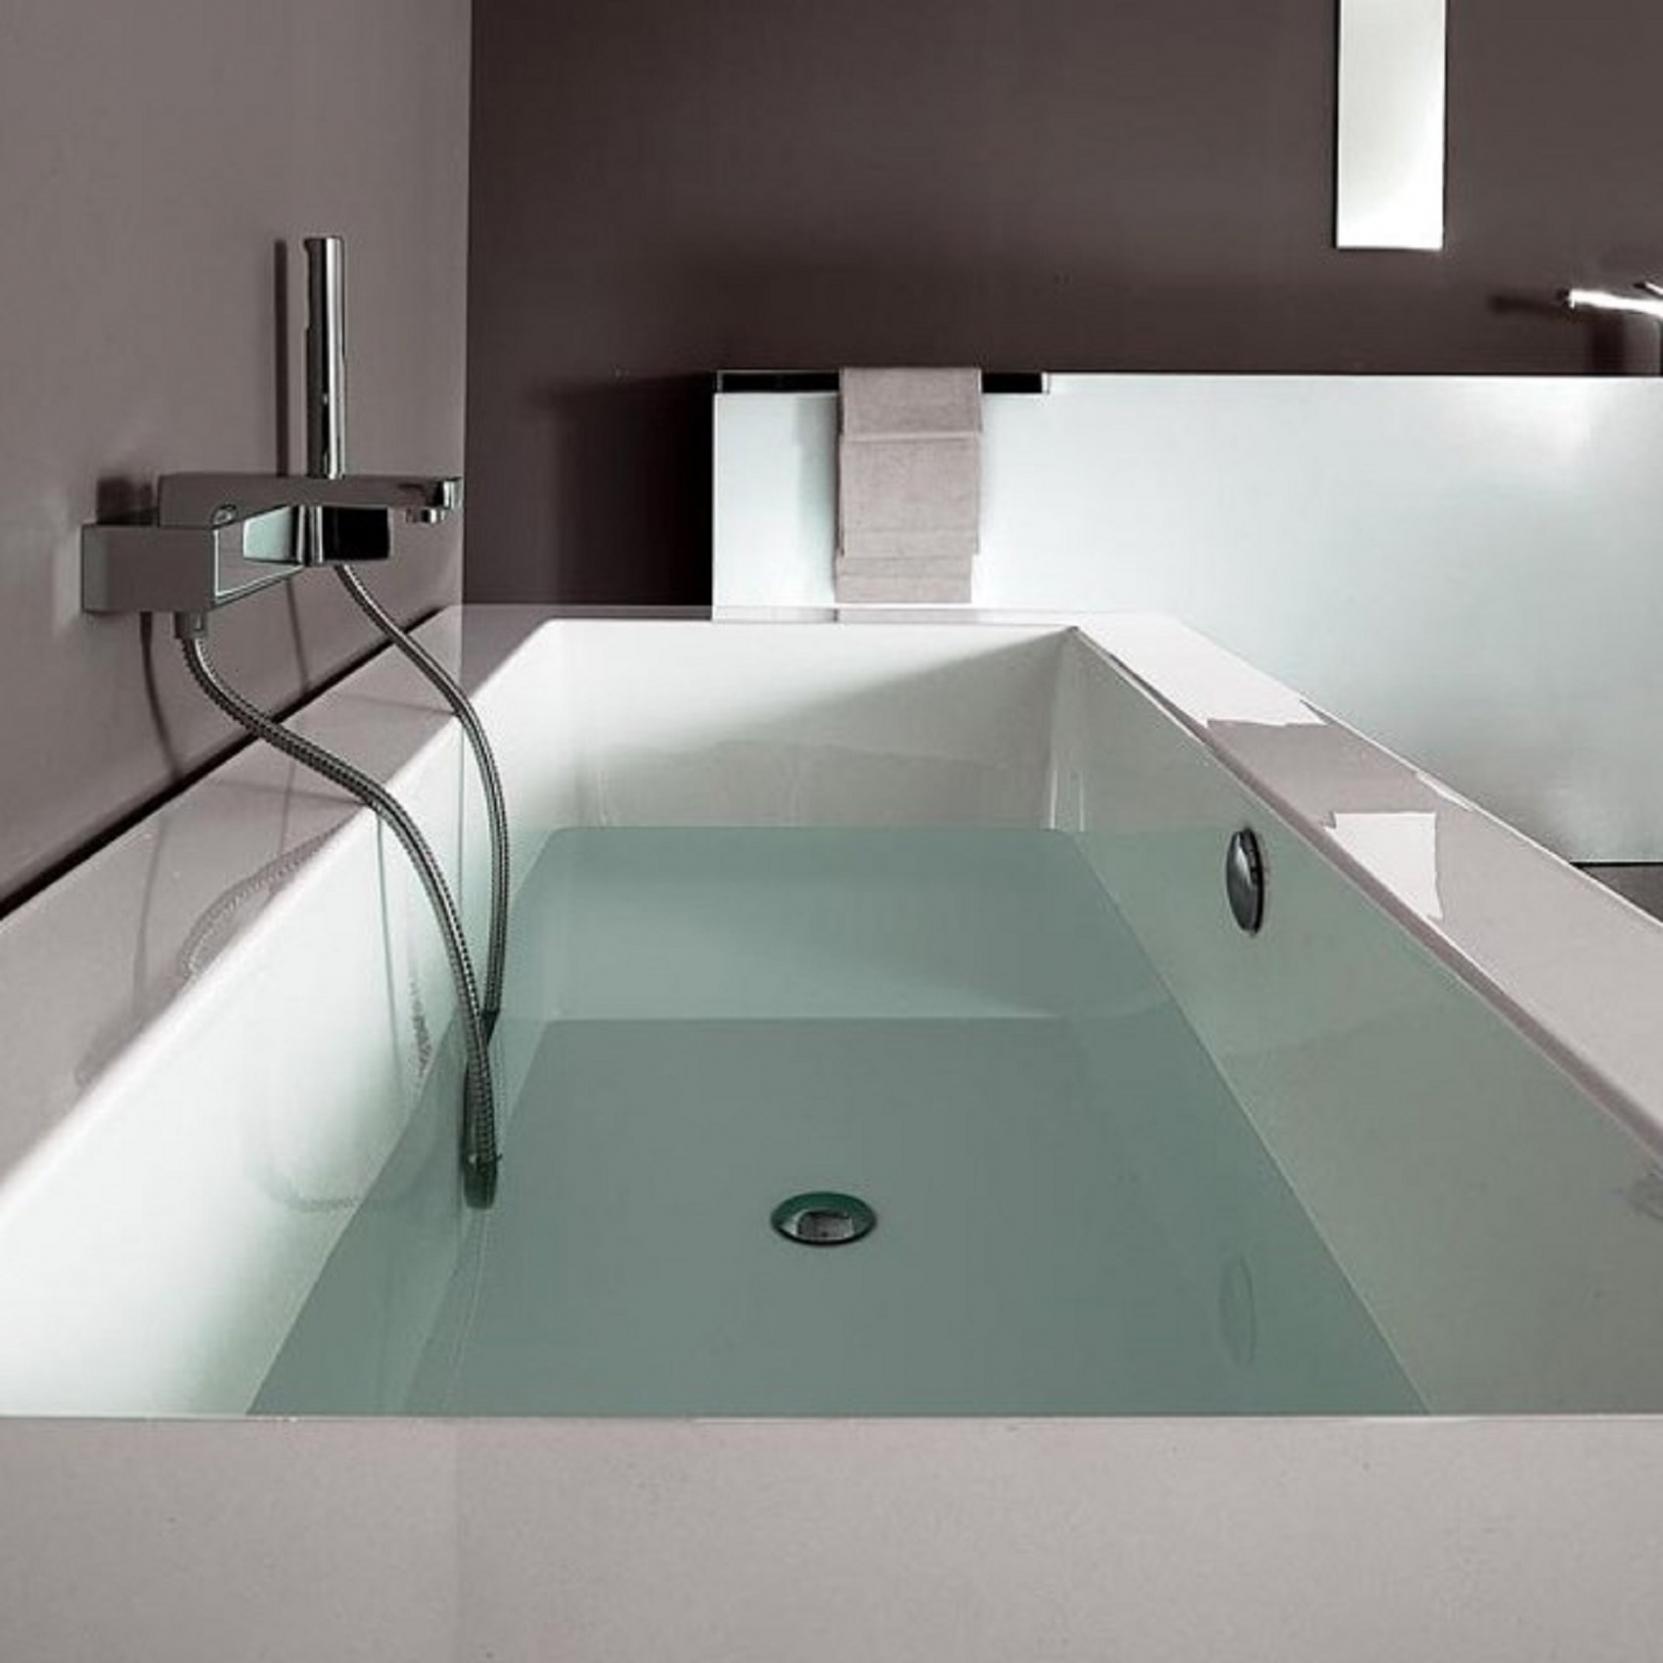 Zucchetti Kos Grande Freestanding Bathtub Tattahome